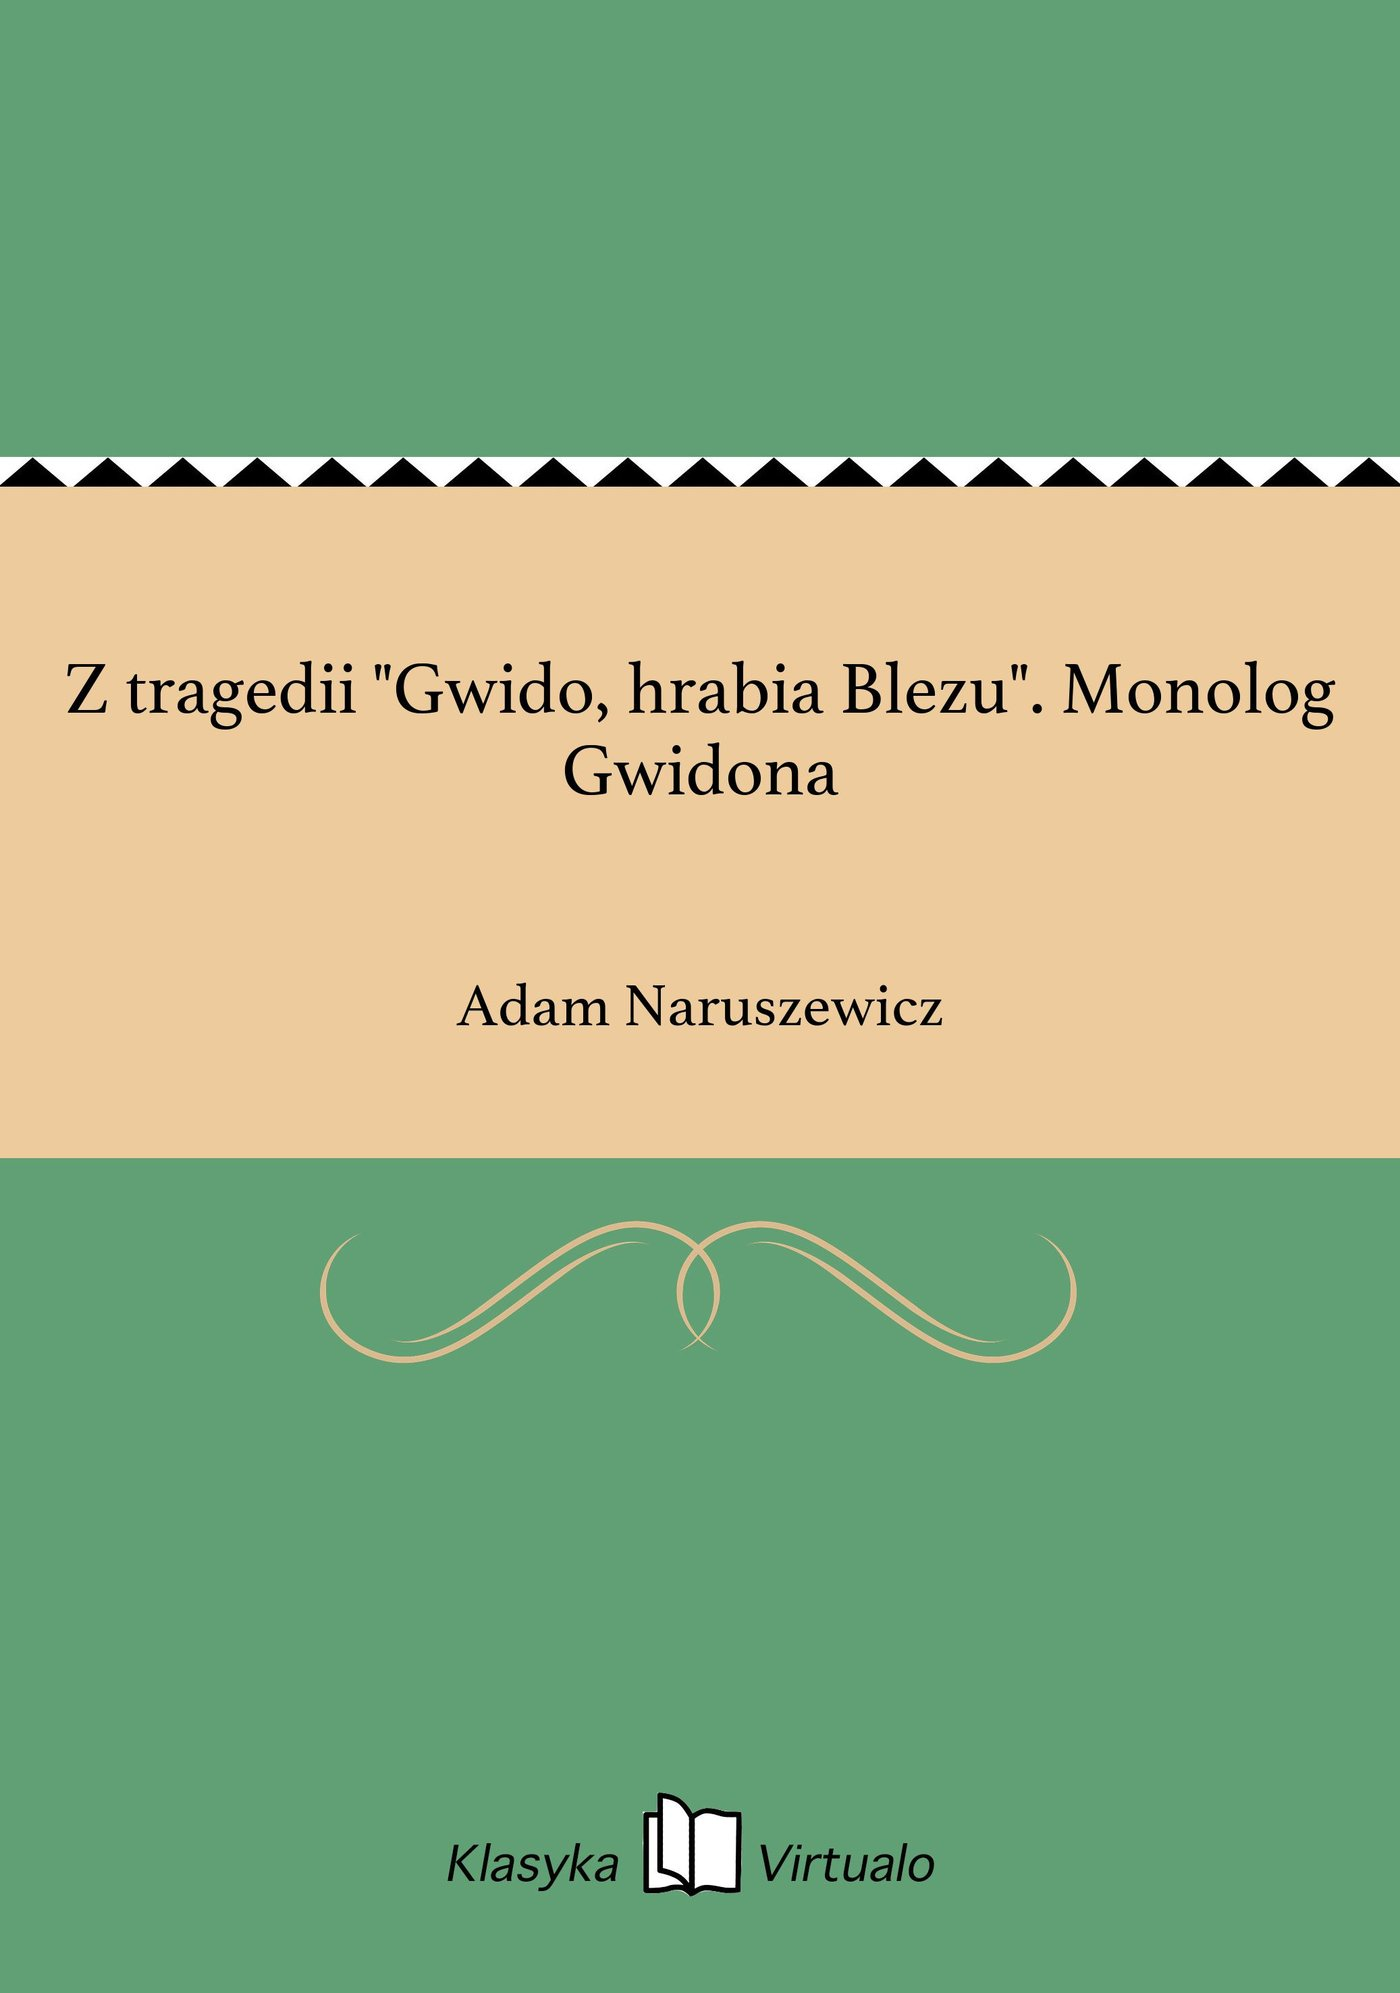 """Z tragedii """"Gwido, hrabia Blezu"""". Monolog Gwidona - Ebook (Książka EPUB) do pobrania w formacie EPUB"""